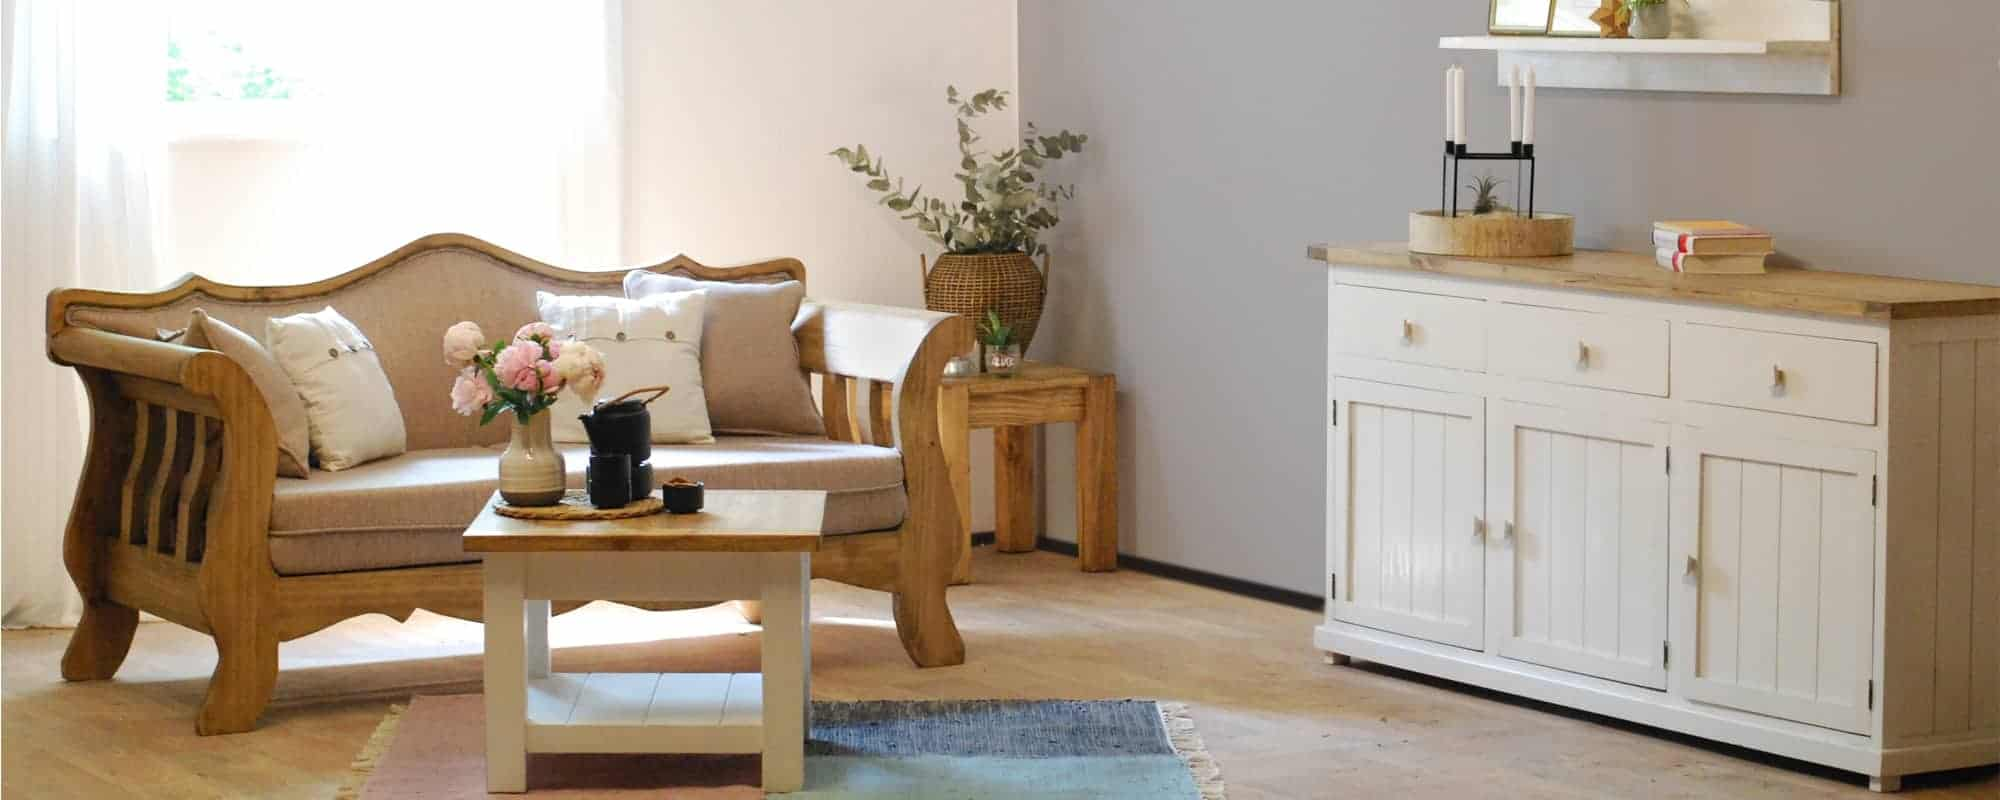 Landhausmöbel Und Möbel Im Landhausstil Online Kaufen Miamöbel